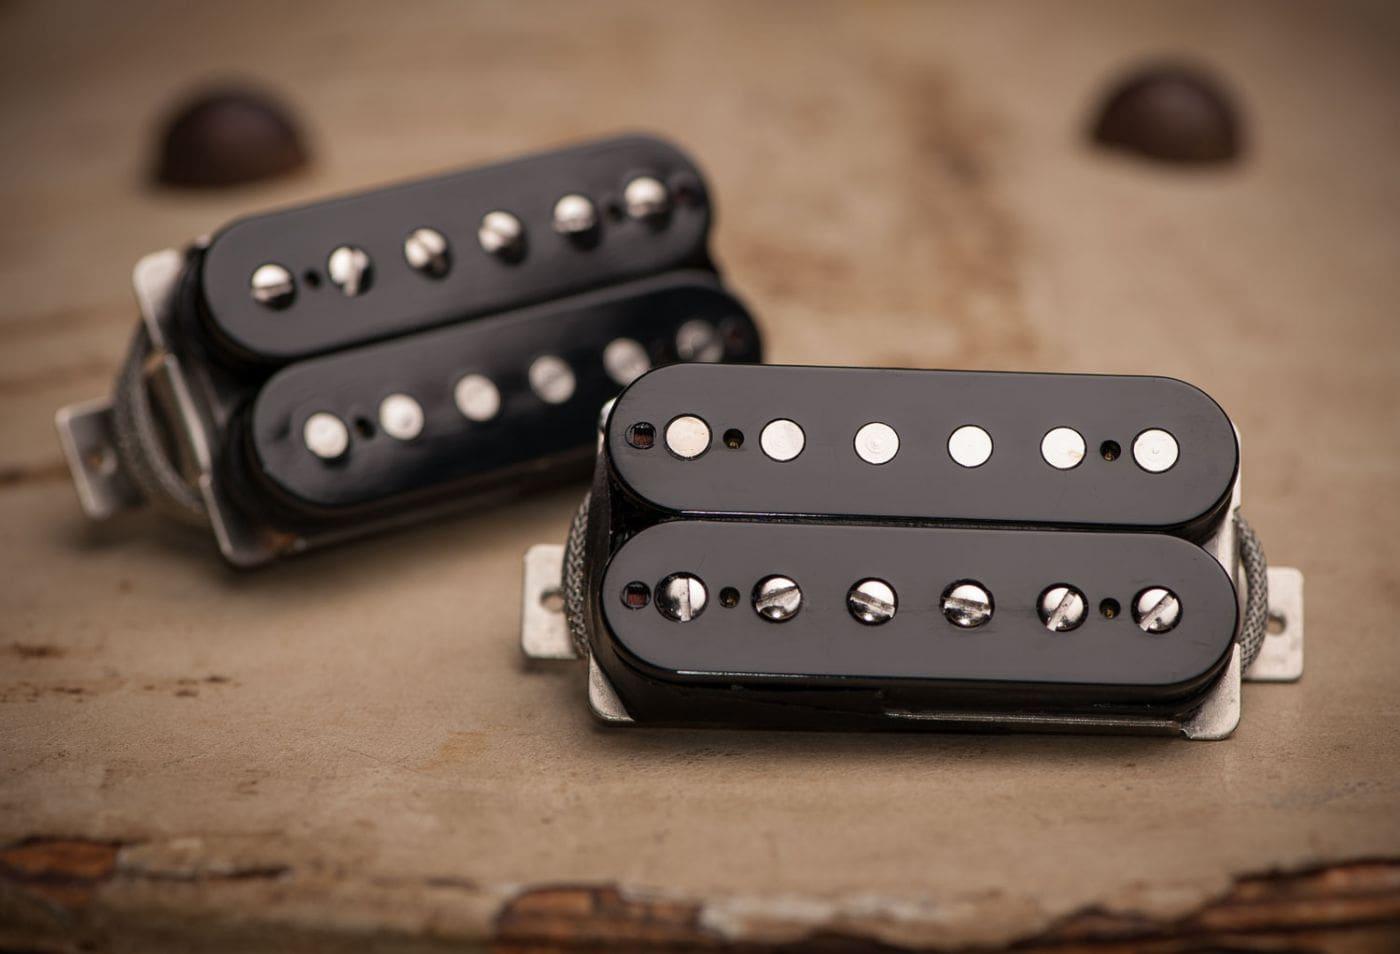 seymour duncan sh 1 vintage blues 59 model pickup set black solo guitars. Black Bedroom Furniture Sets. Home Design Ideas